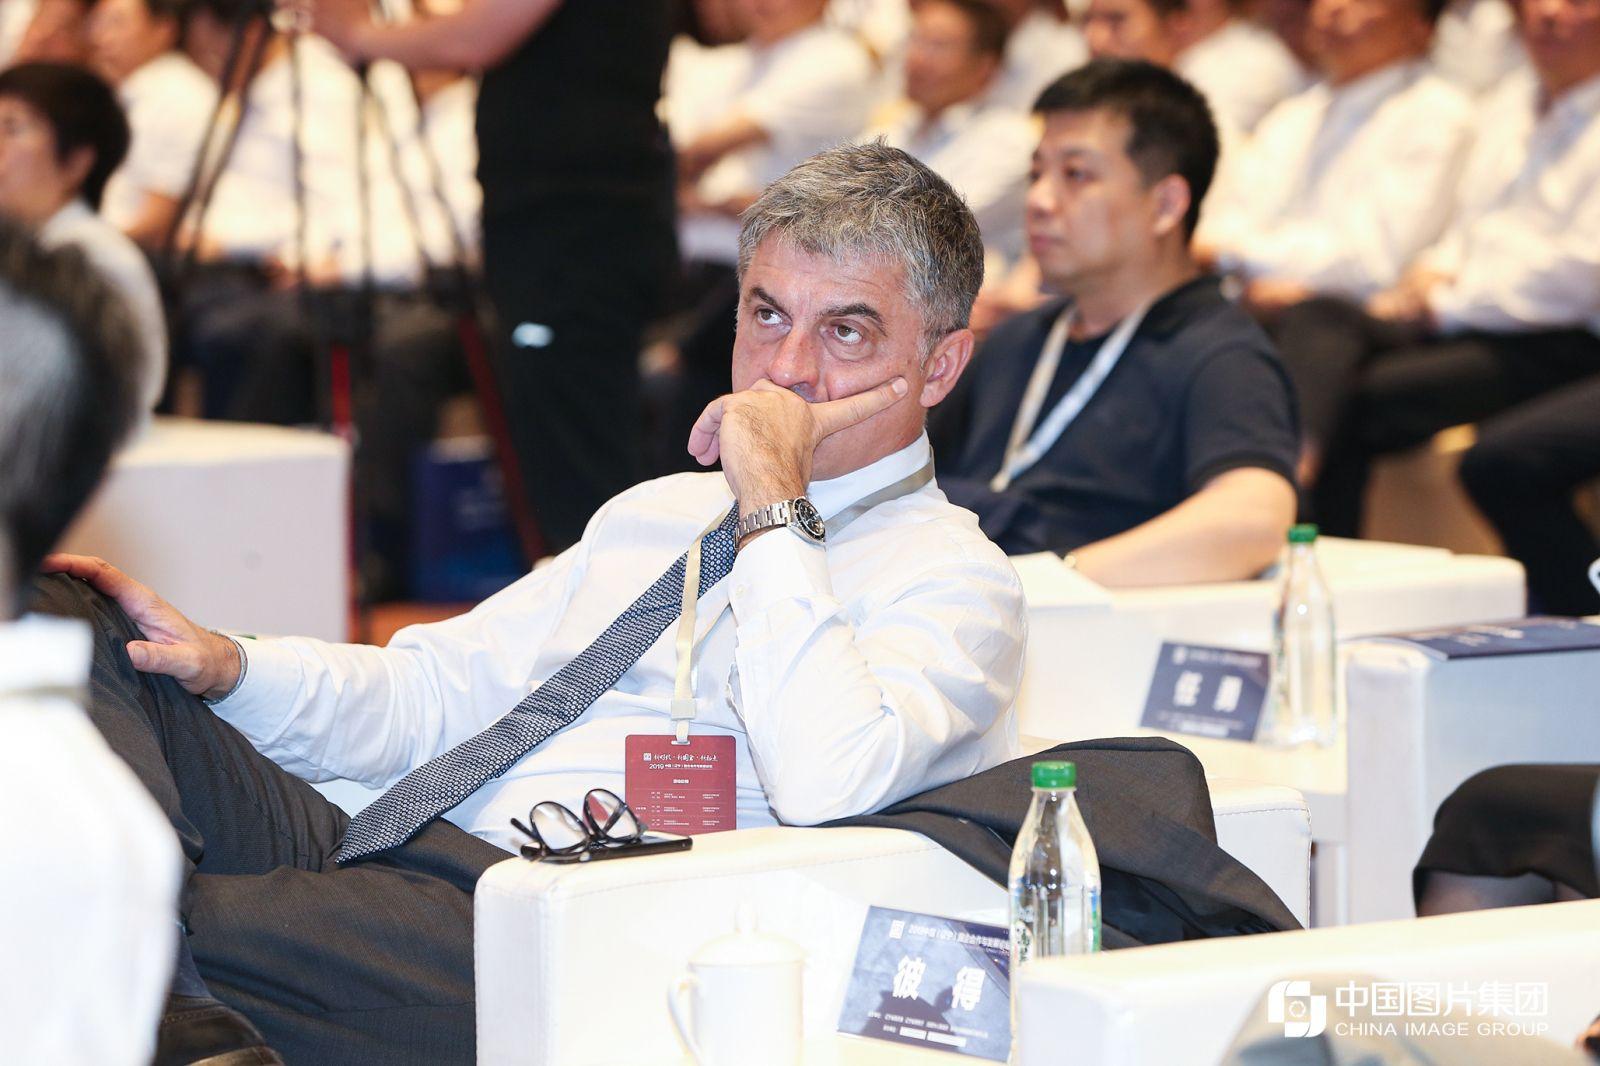 上海申克机械有限公司总裁兼首席执行官彼得·雷根纳(Peter Legner )。